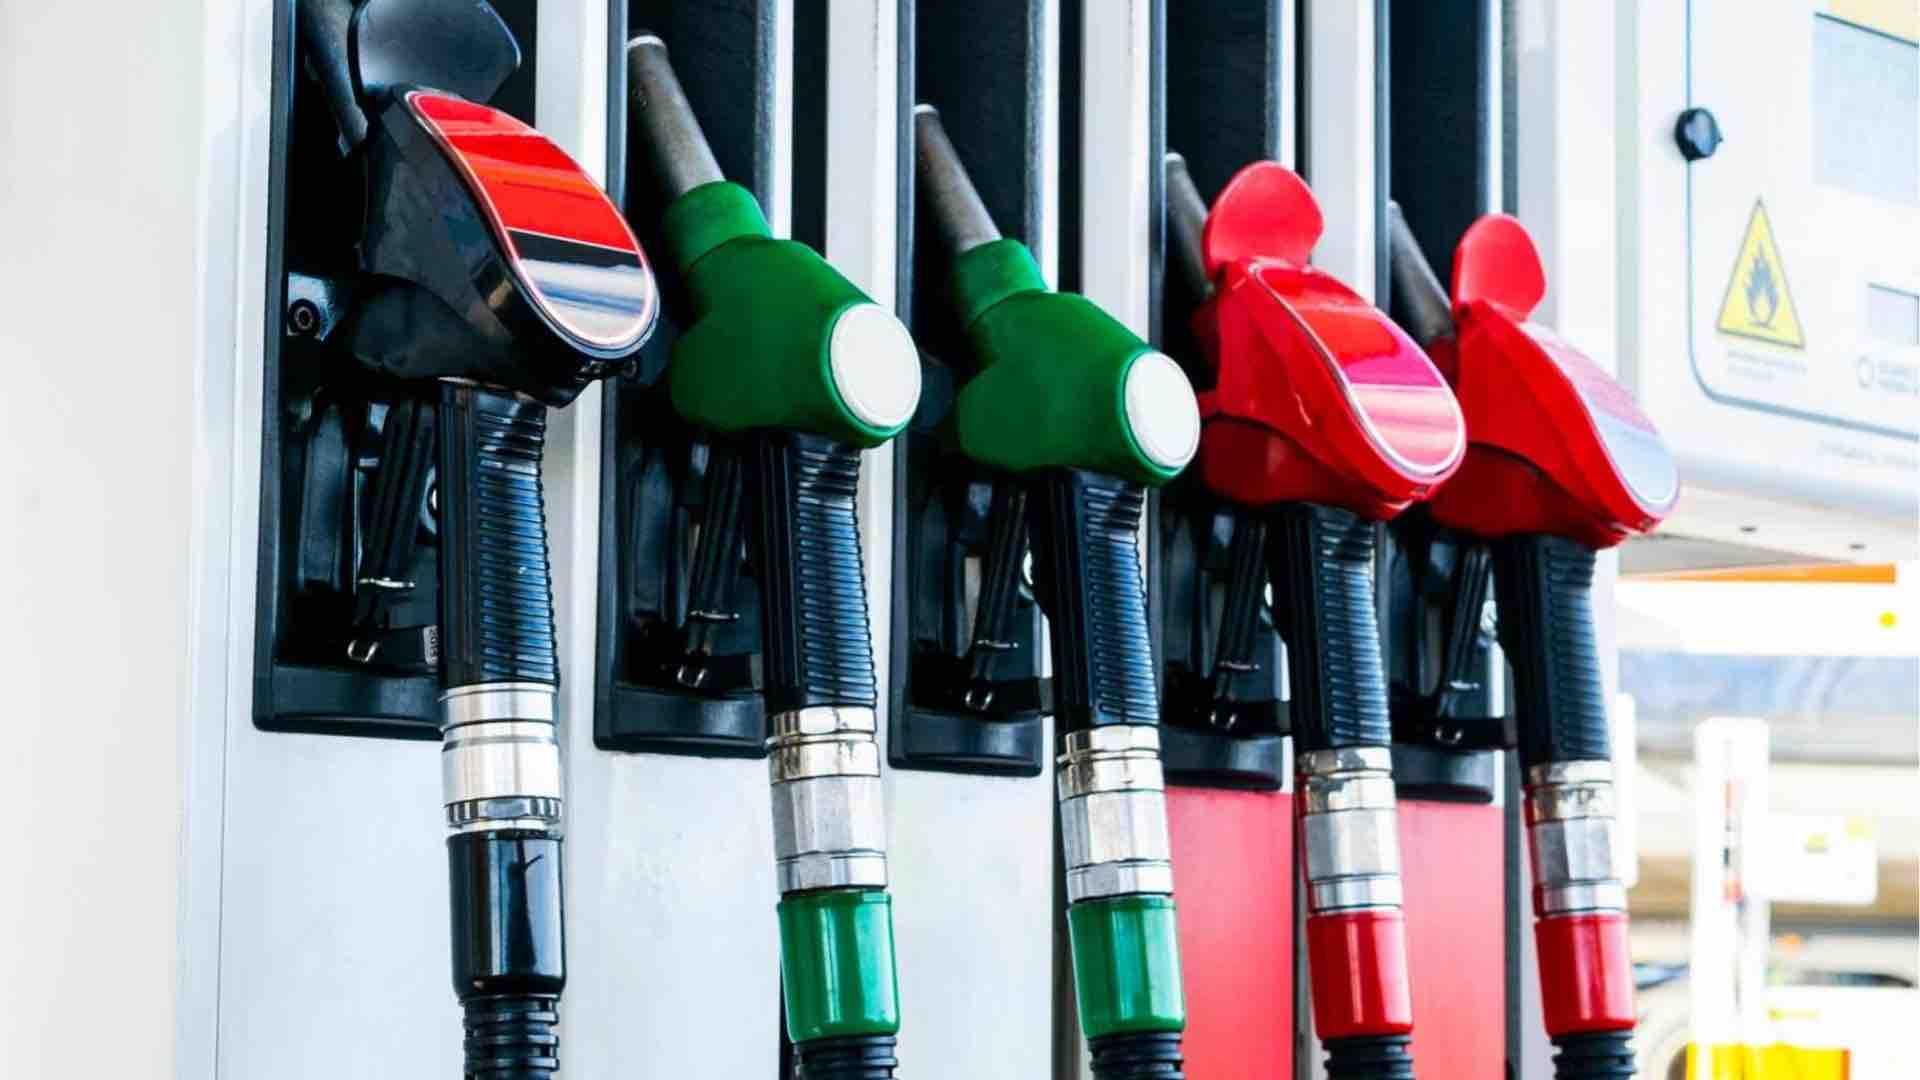 FIAP Valori indicativi di riferimento dei costi di esercizio v5. Dato del costo del gasolio del mese di Gennaio 2020.